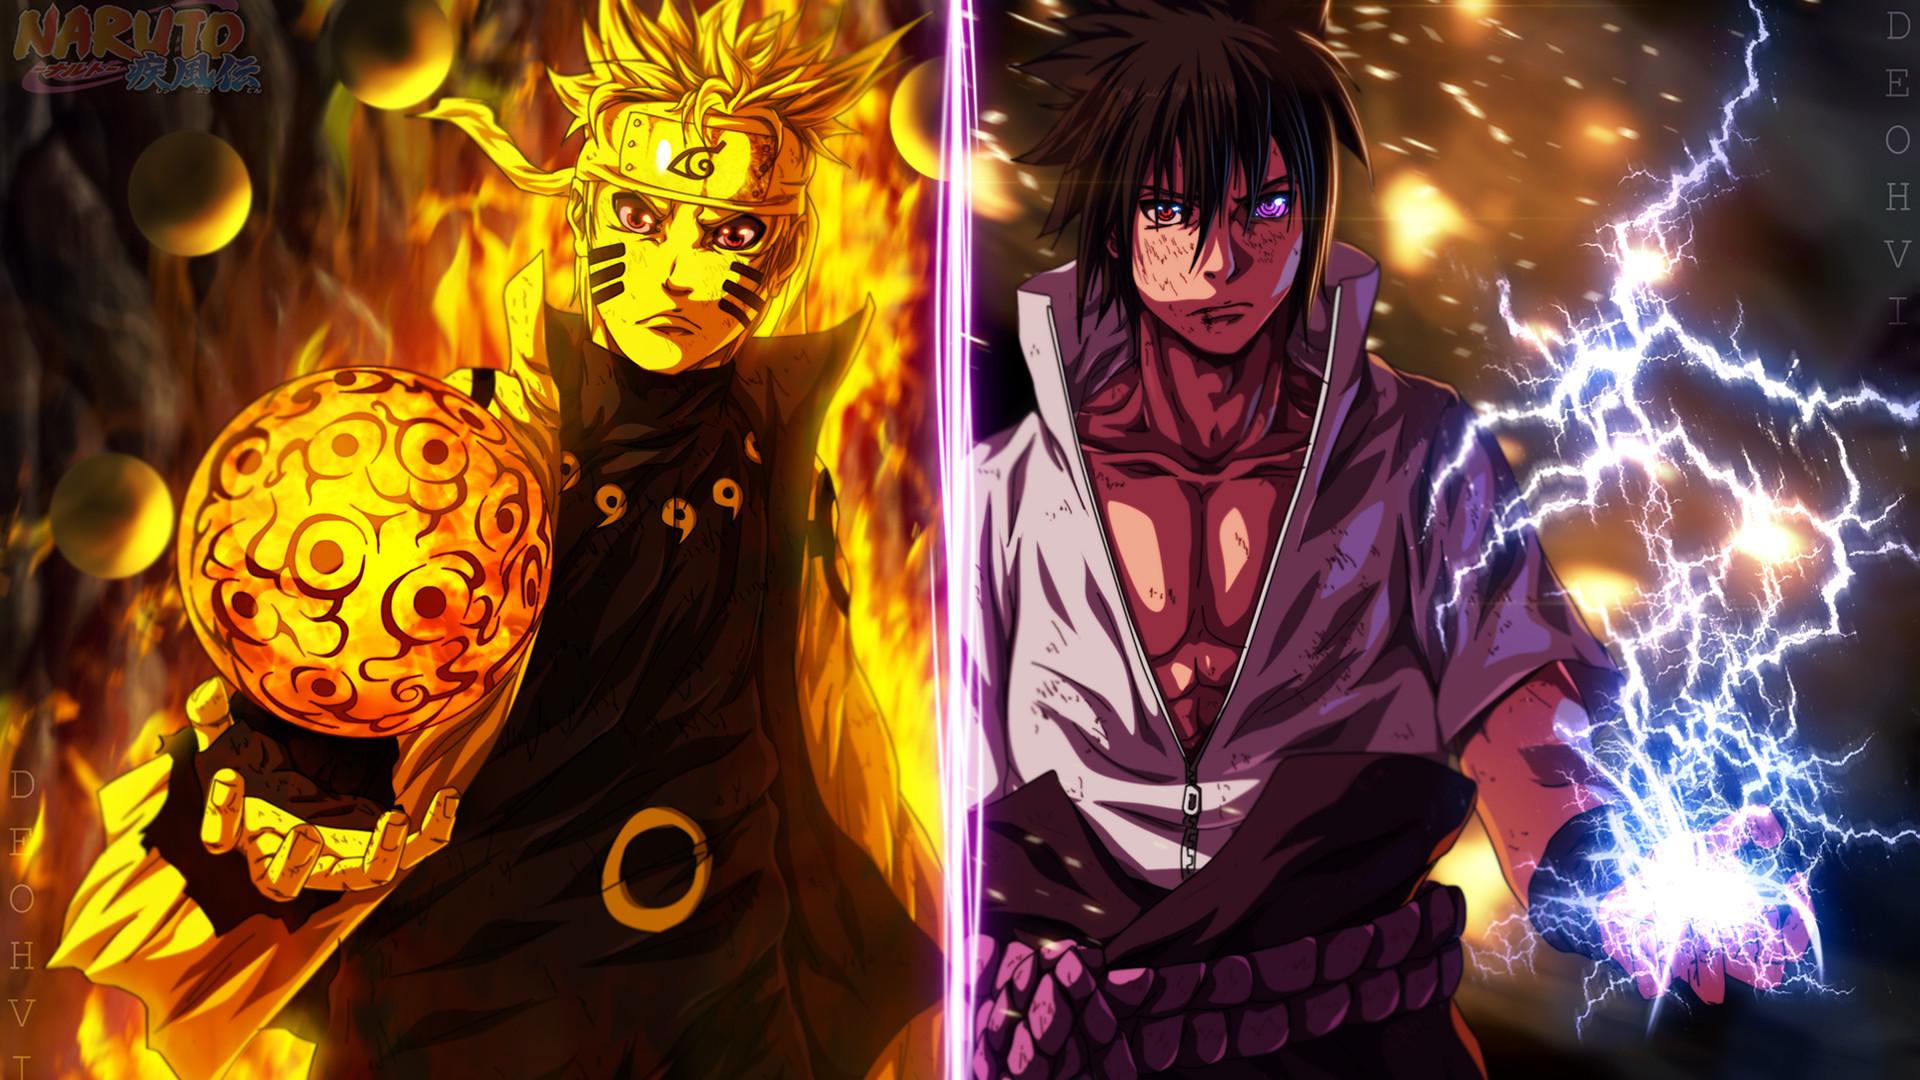 Naruto Wallpaper HD (79+ images)